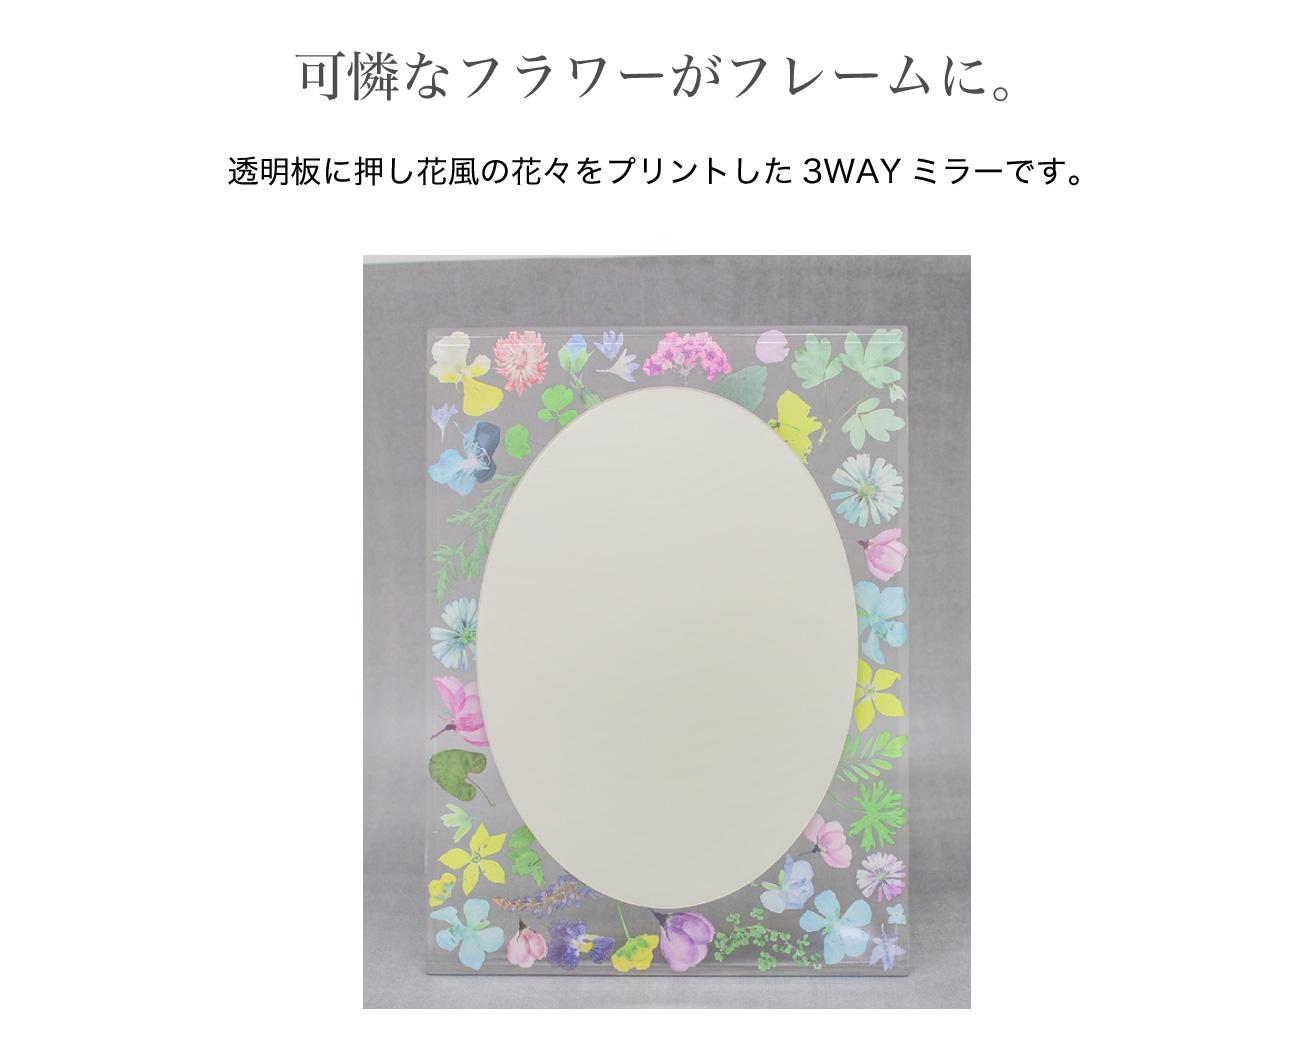 透明板に押し花風の花々をプリントしたかわいいミラーです。